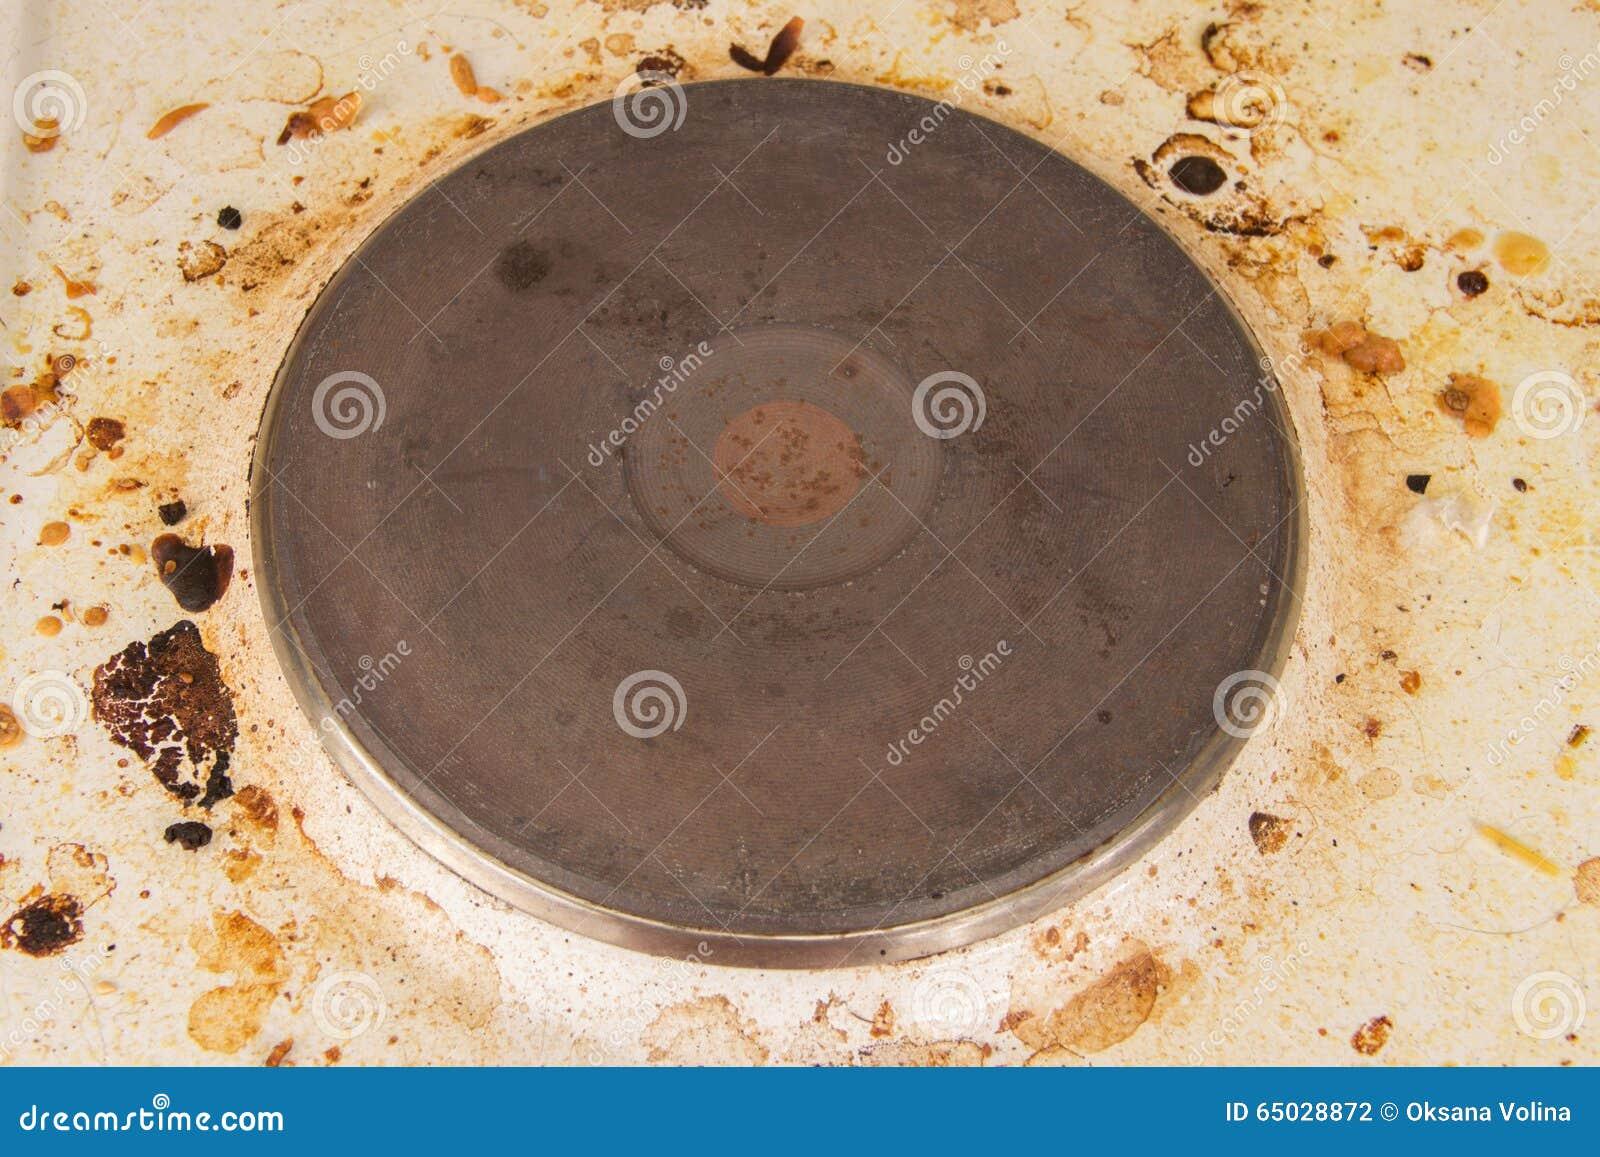 Limpiar cocina muy sucia simple como limpiar una casa muy sucia y desordenada desorden limpiar - Como limpiar una casa muy sucia ...